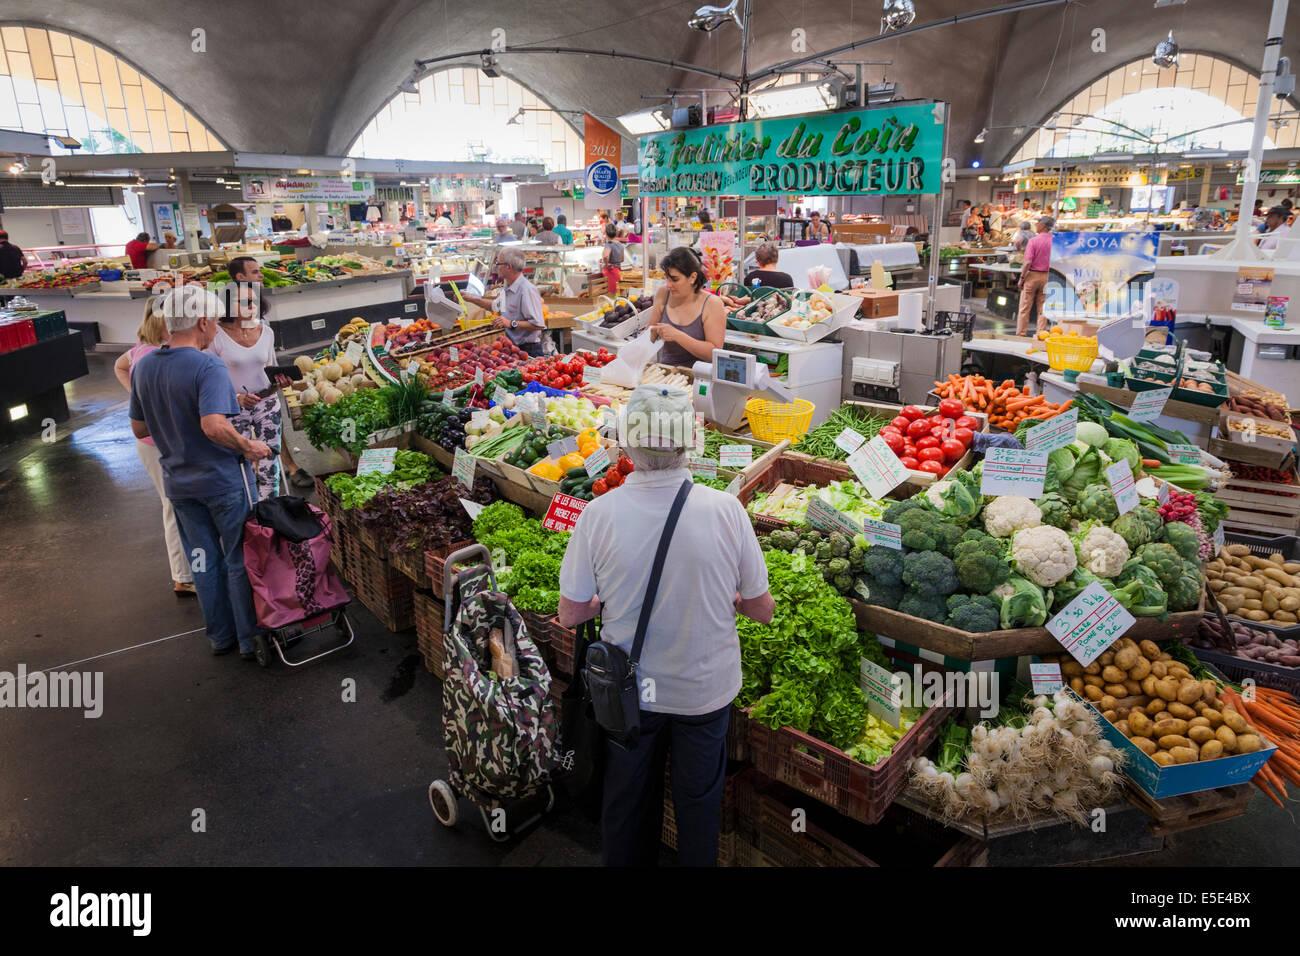 Kunden kaufen Obst und Gemüse im Inneren der Markthalle in Royan Frankreich. Stockbild